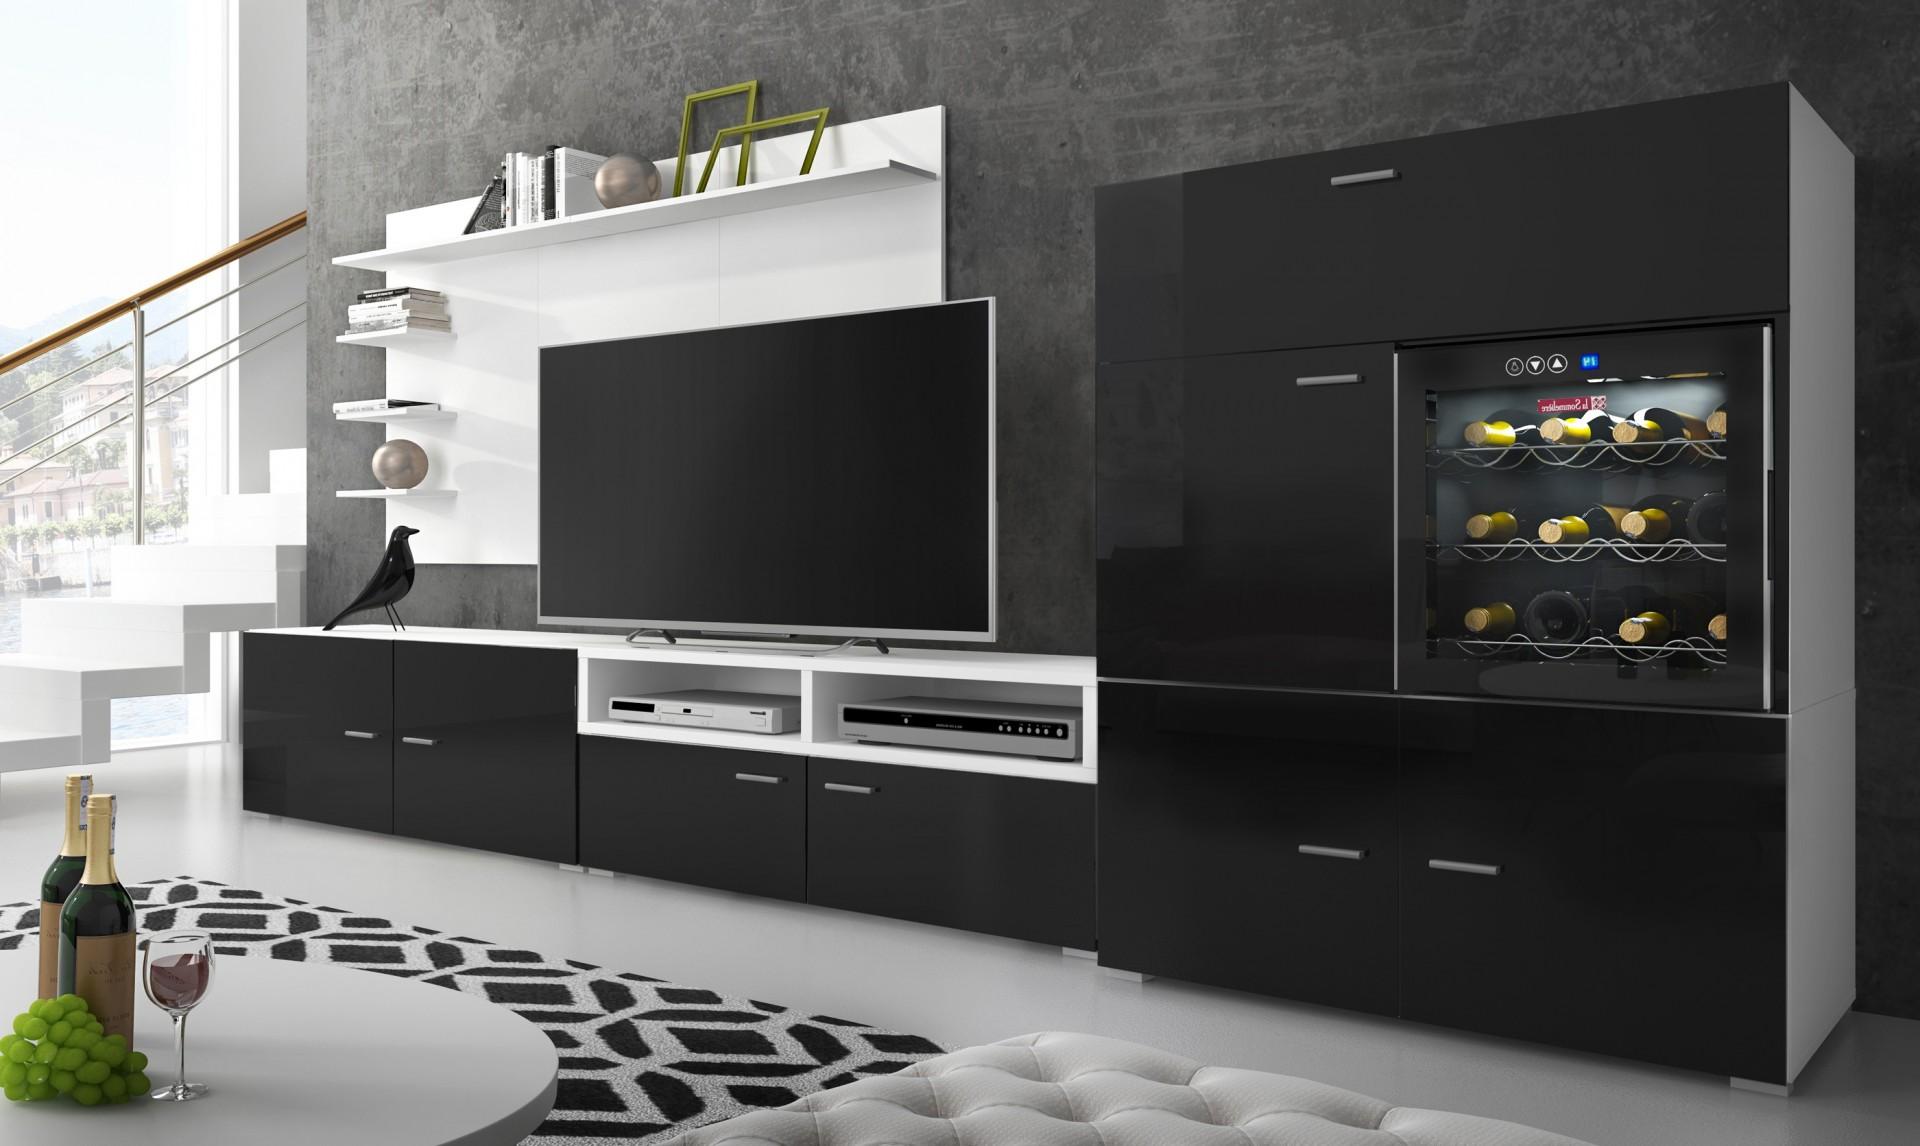 Móvel de Sala com Enoteca - 2 cores à escolha